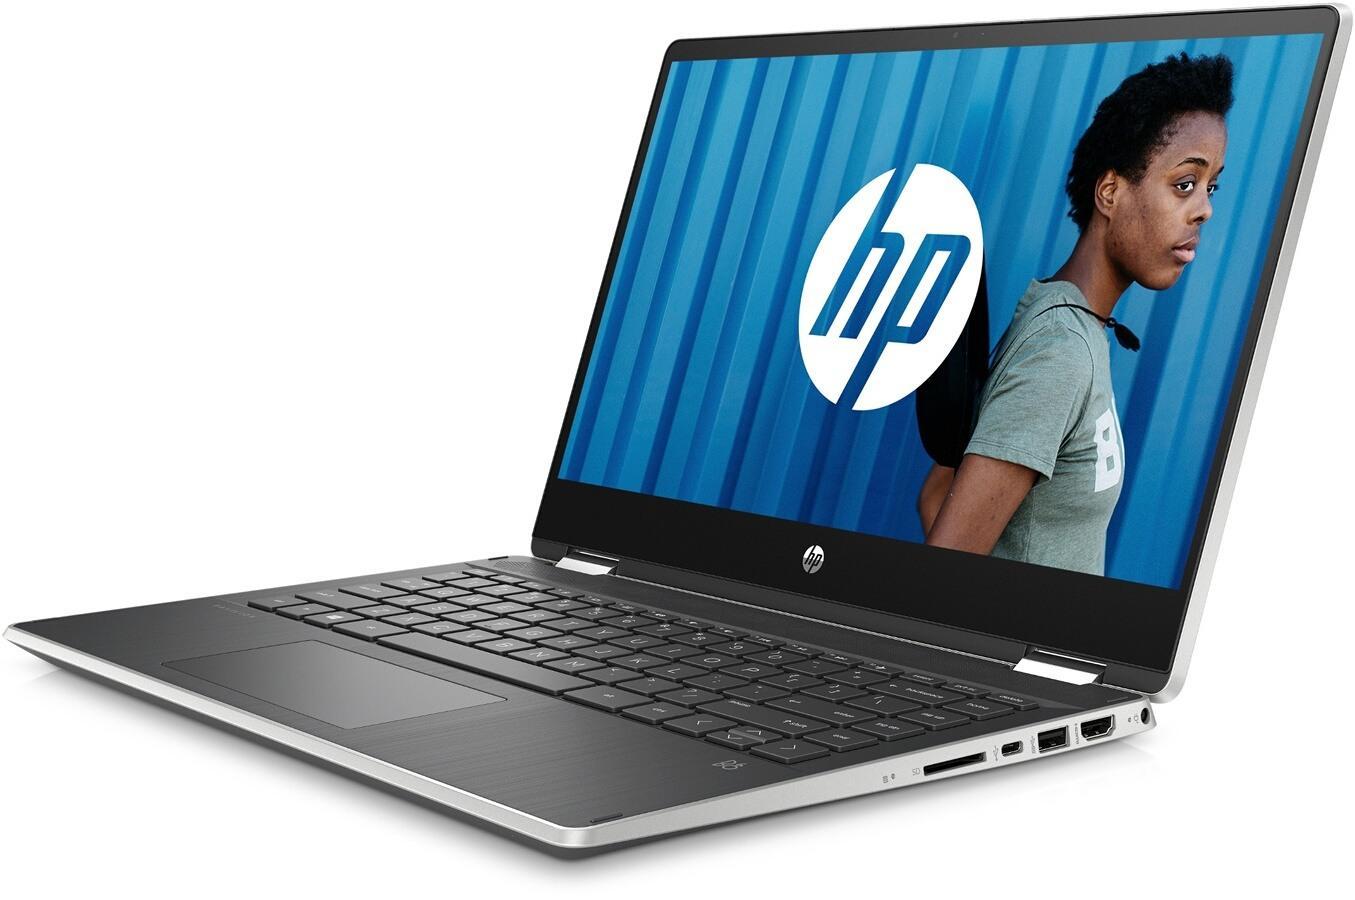 Ordinateur portable HP Pavilion x360 14-dh0049nf Argent - Tactile - photo 4